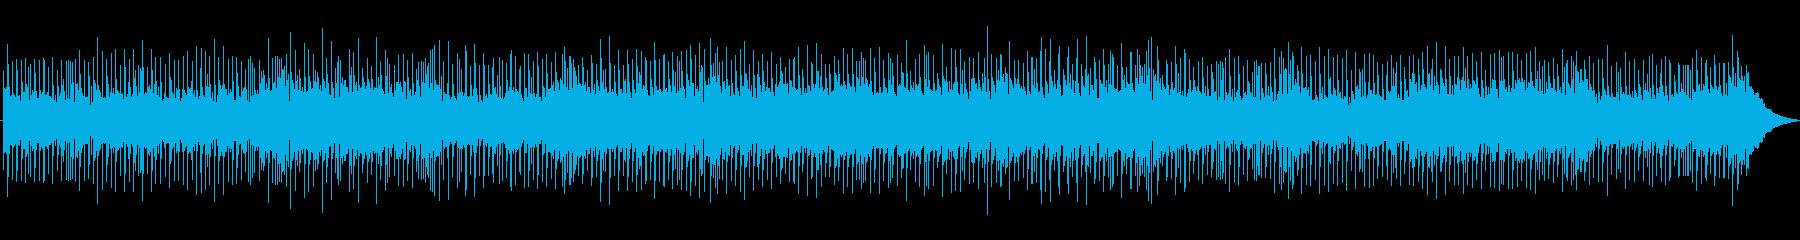 ストレートなカントリーロックの再生済みの波形